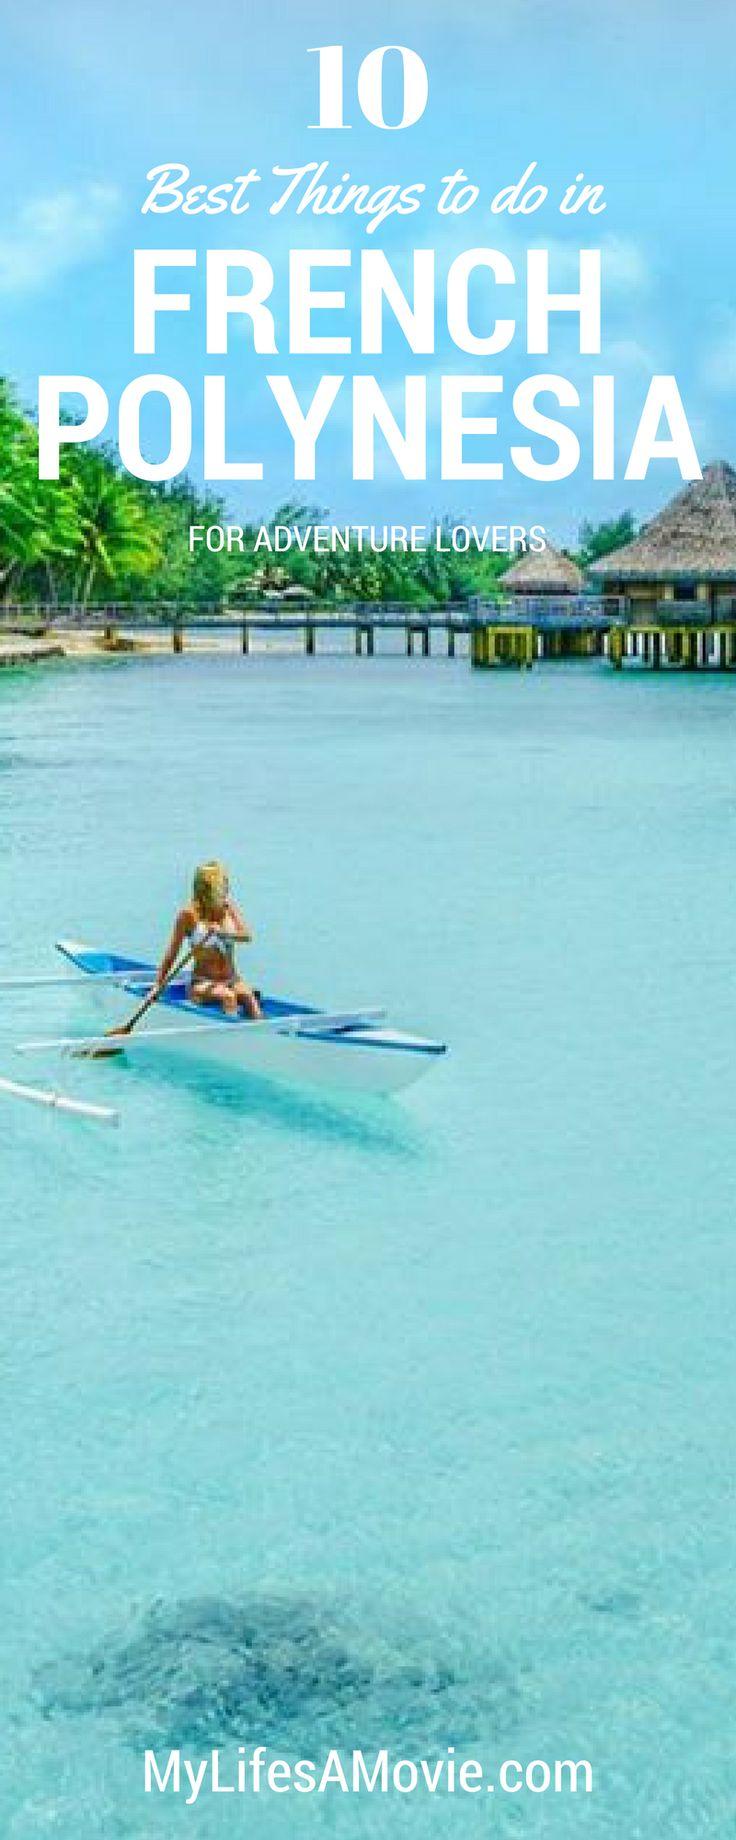 10 beste Dinge in Französisch-Polynesien für Abenteurer